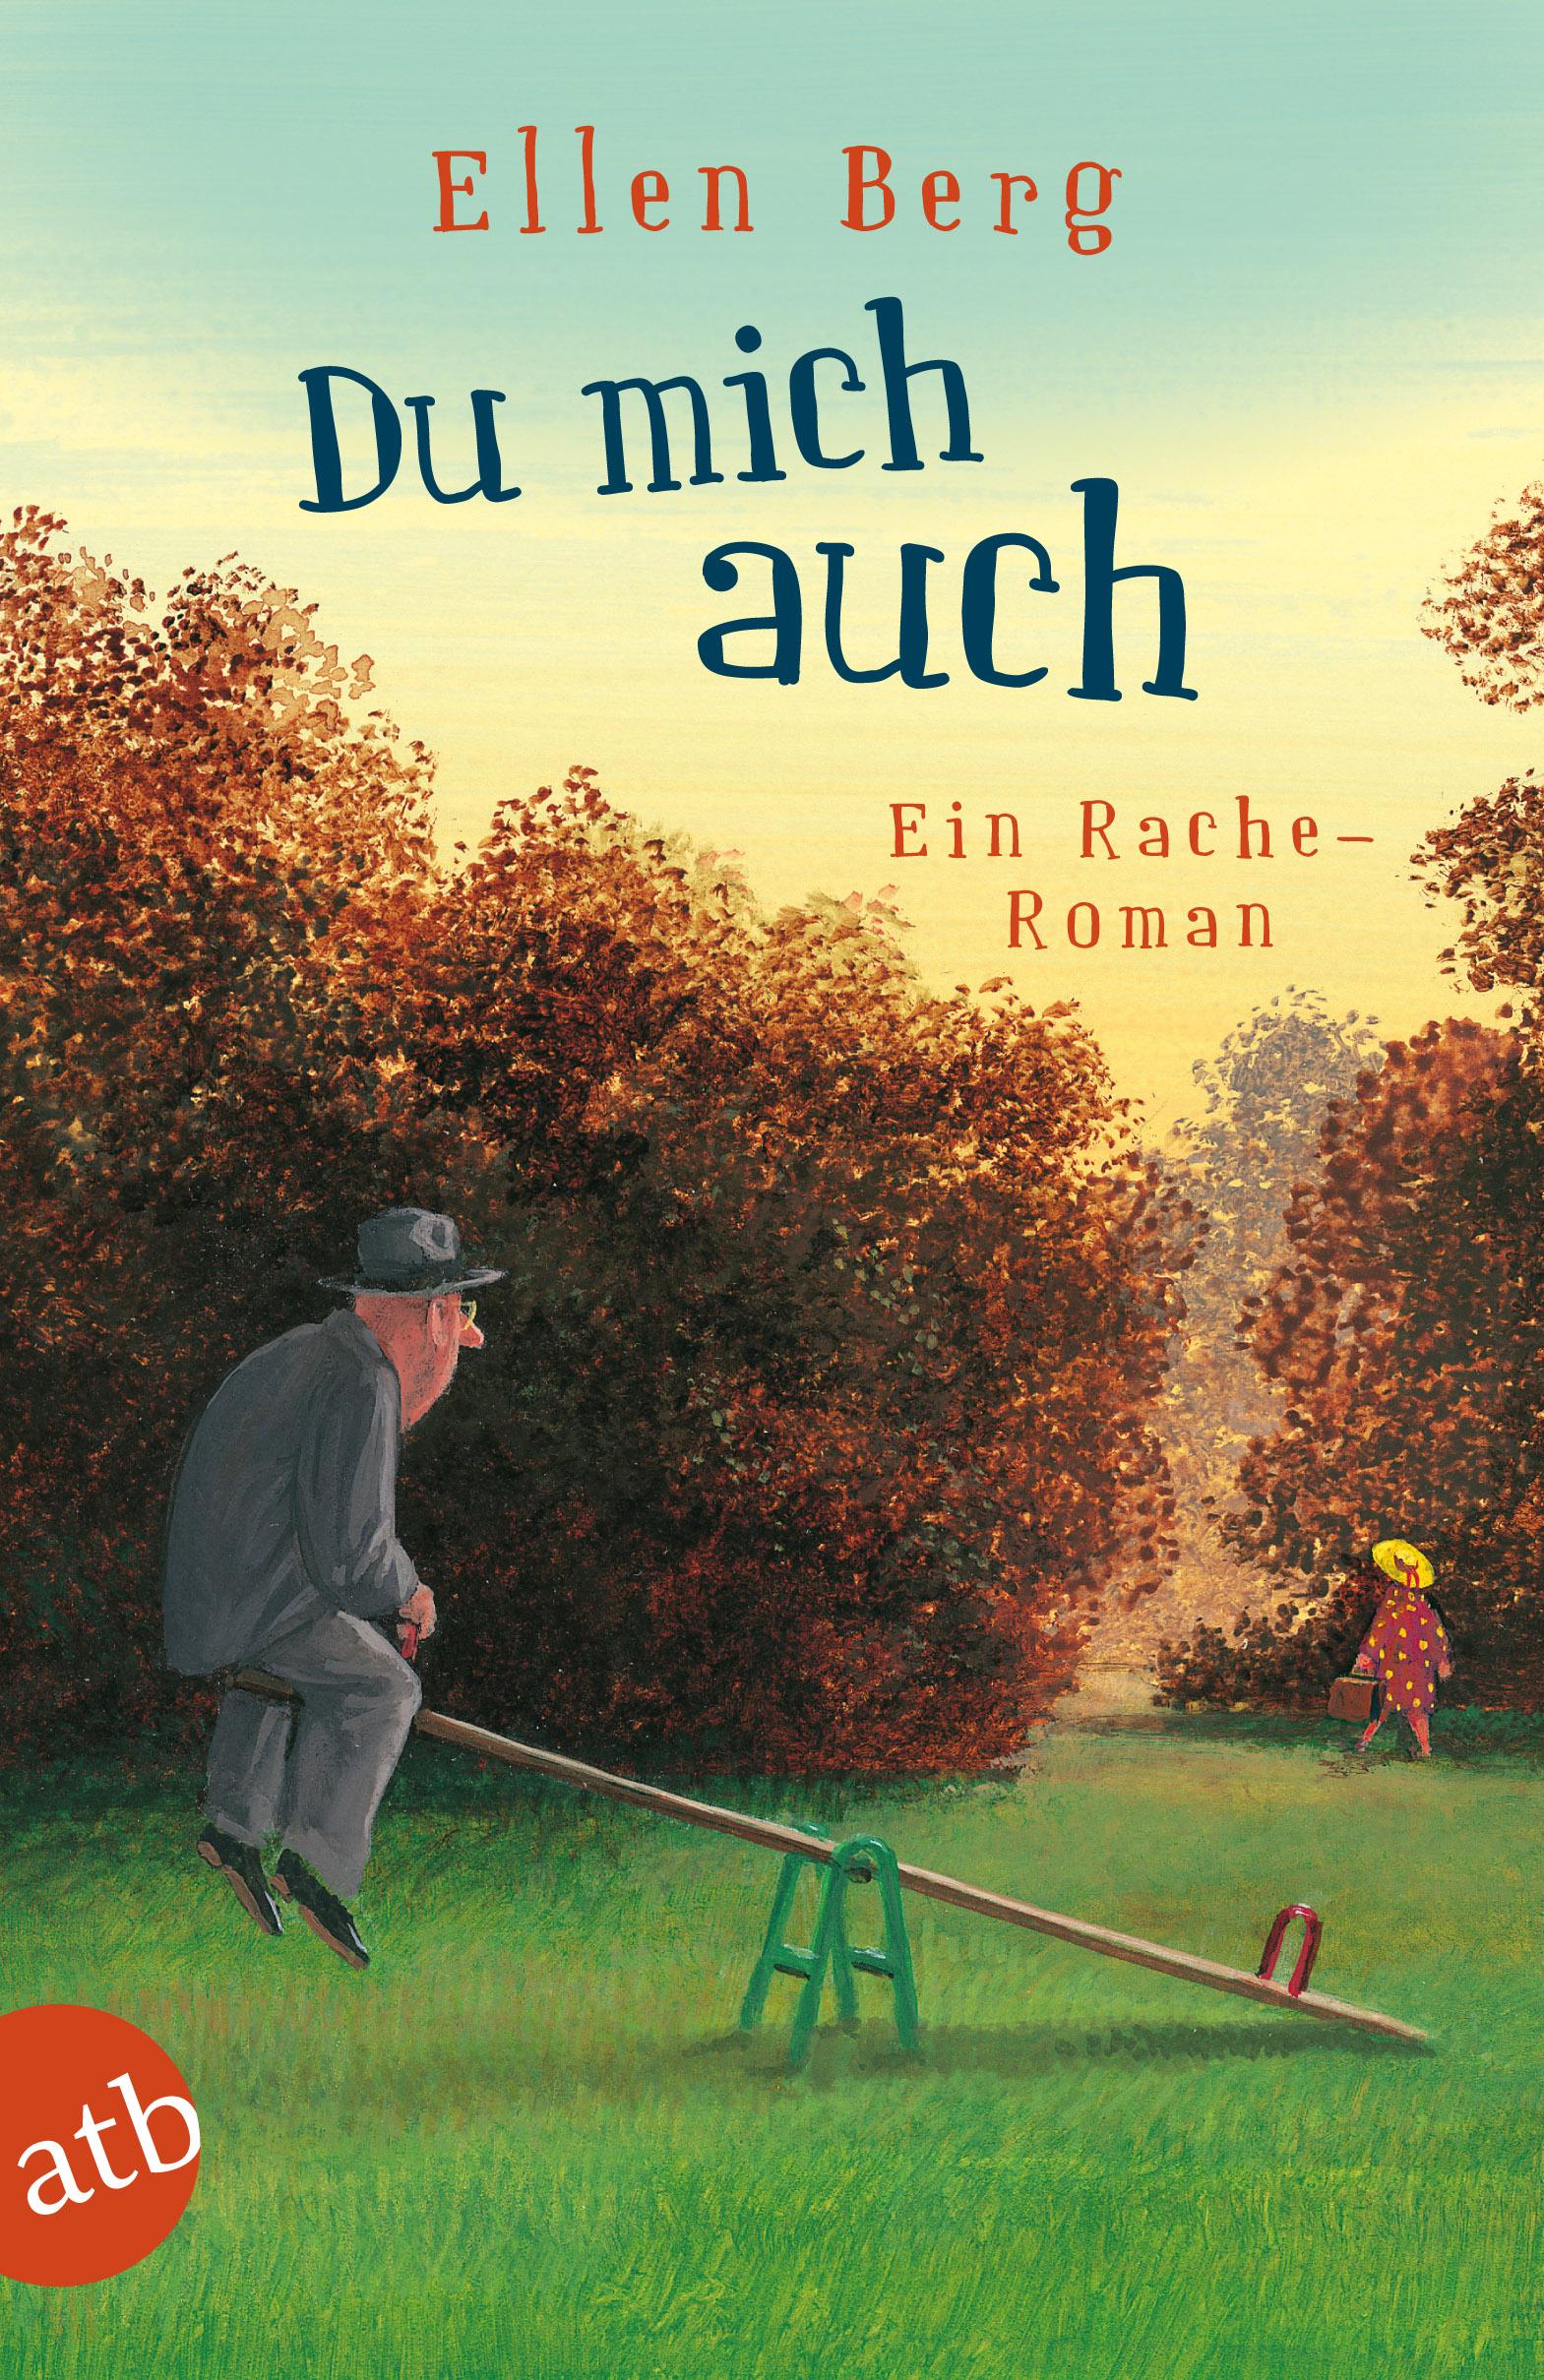 Du mich auch: Ein Rache-Roman - Ellen Berg [Taschenbuch]